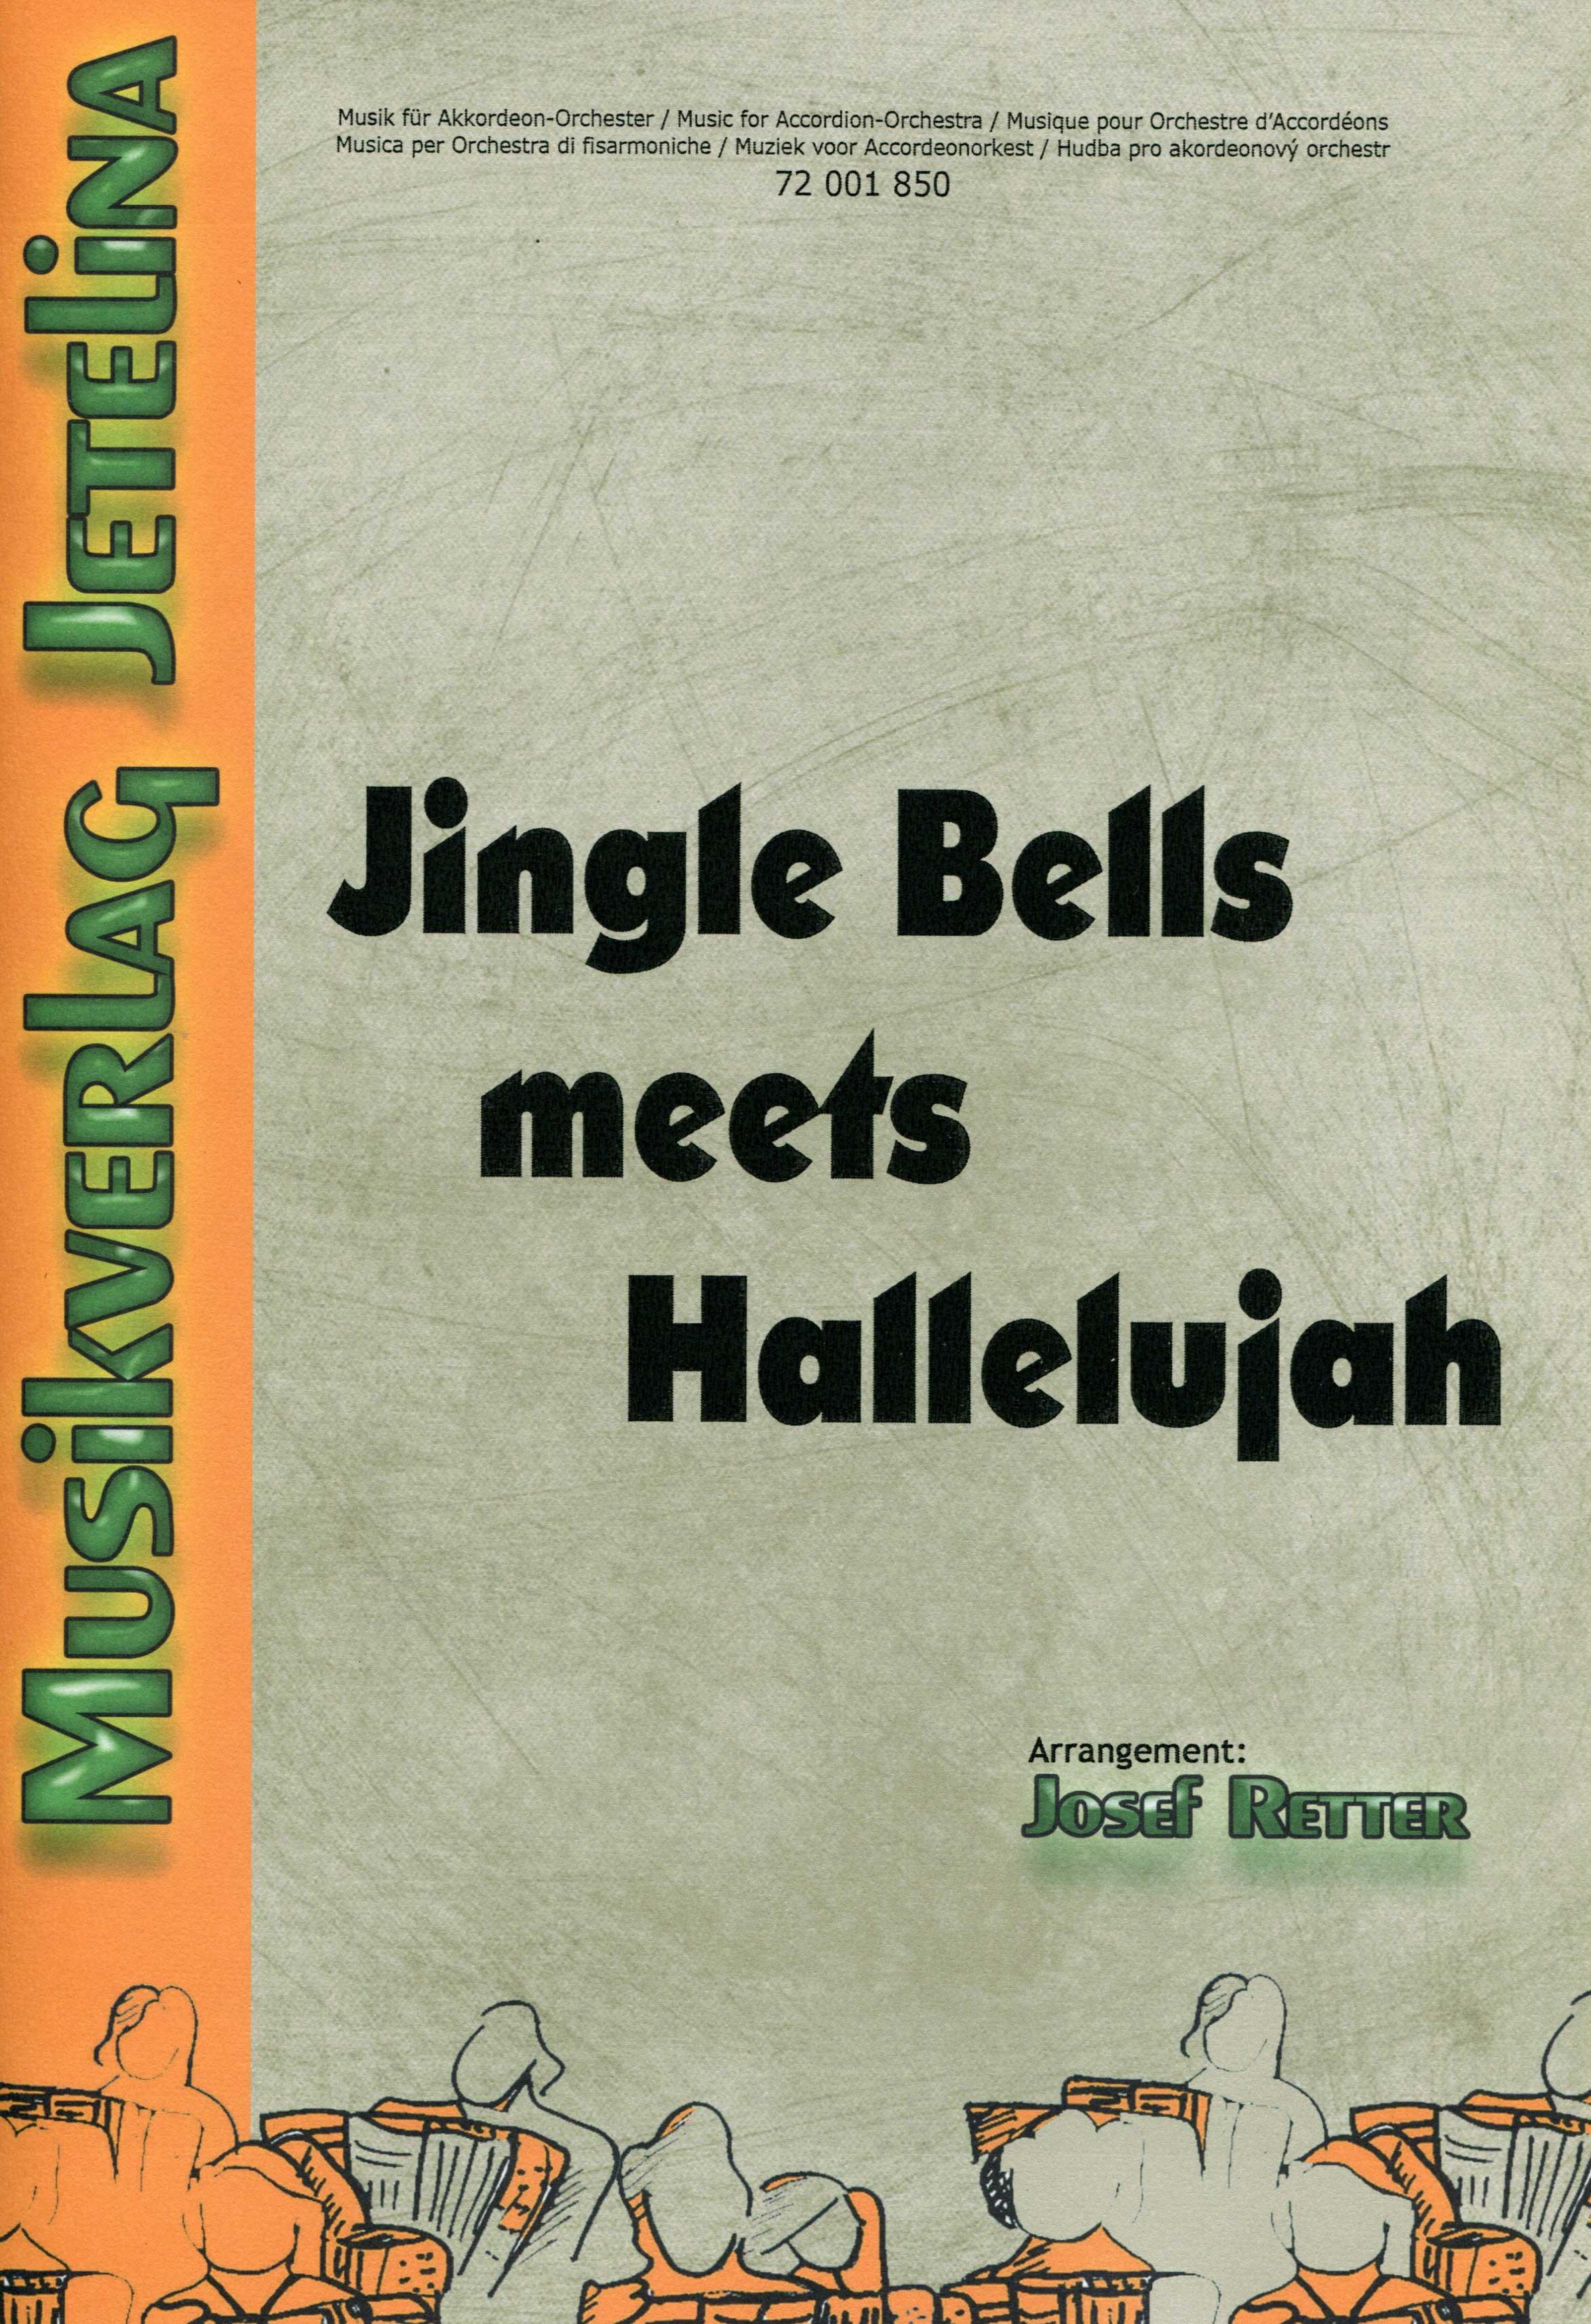 Jetelina | Jingle Bells meets Hallelujah